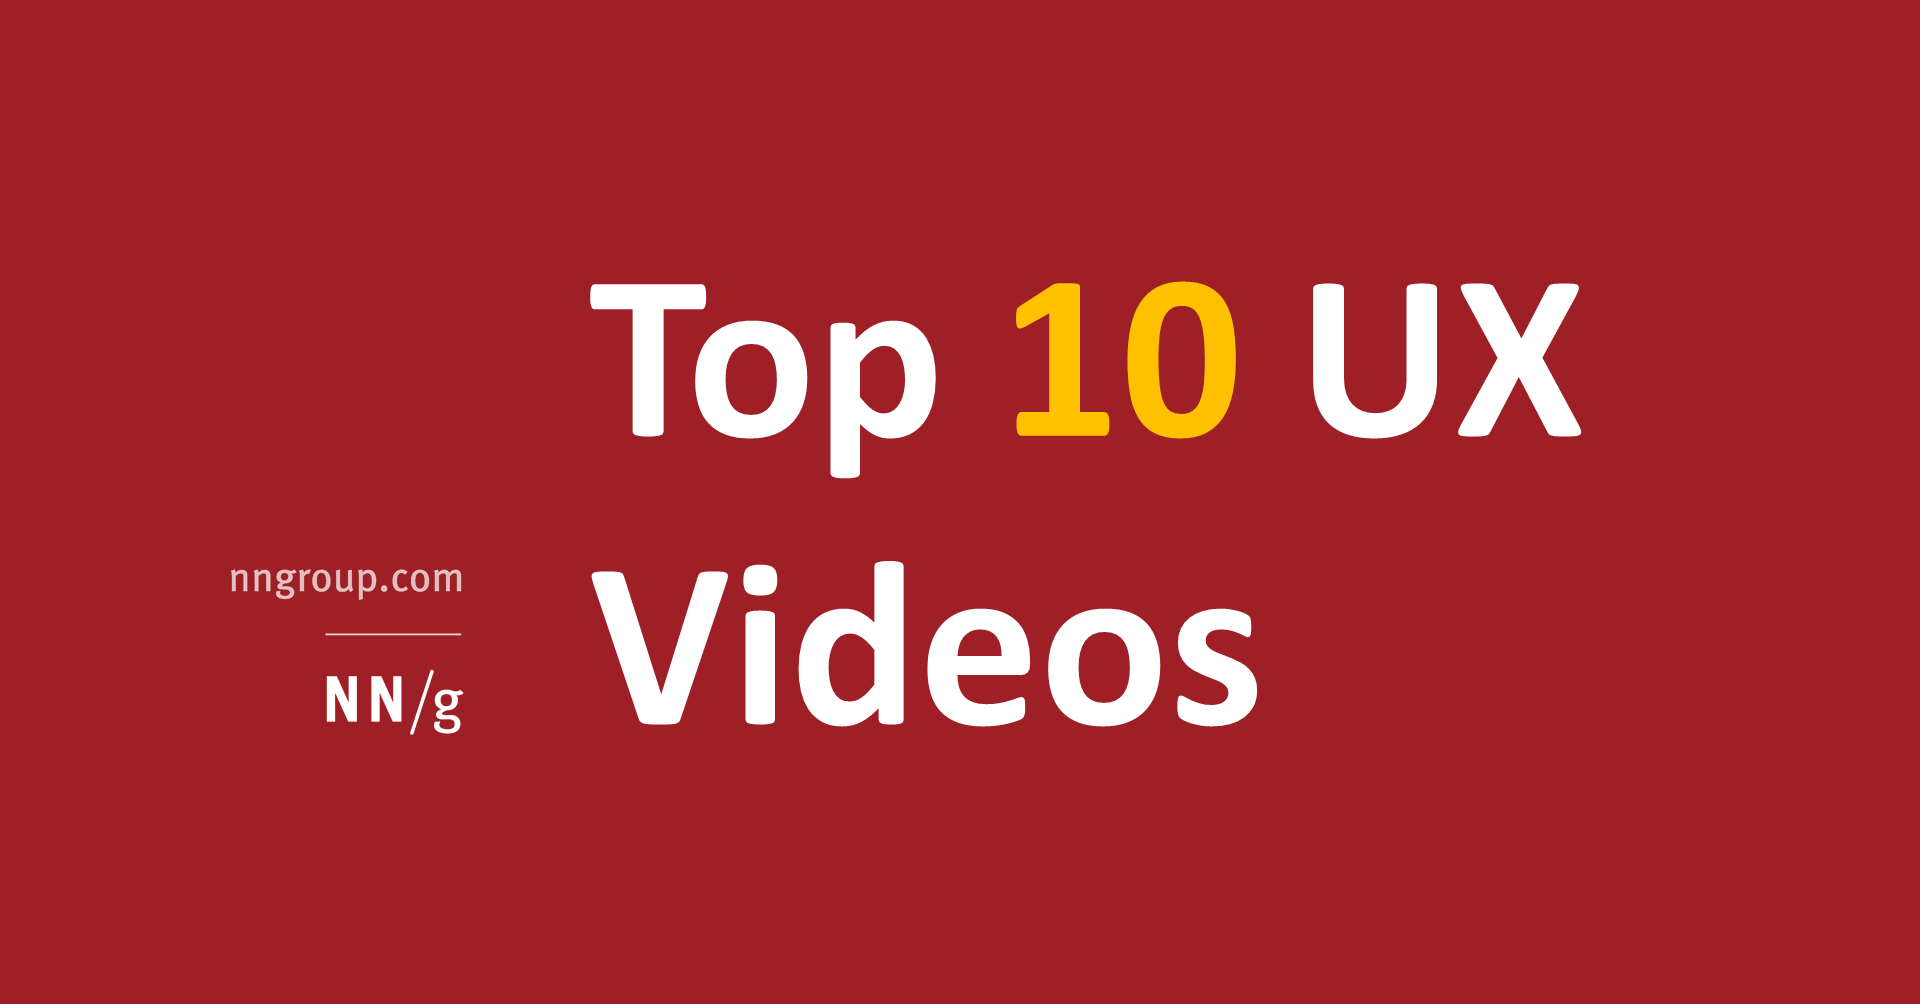 Top 10 UX Videos of 2018